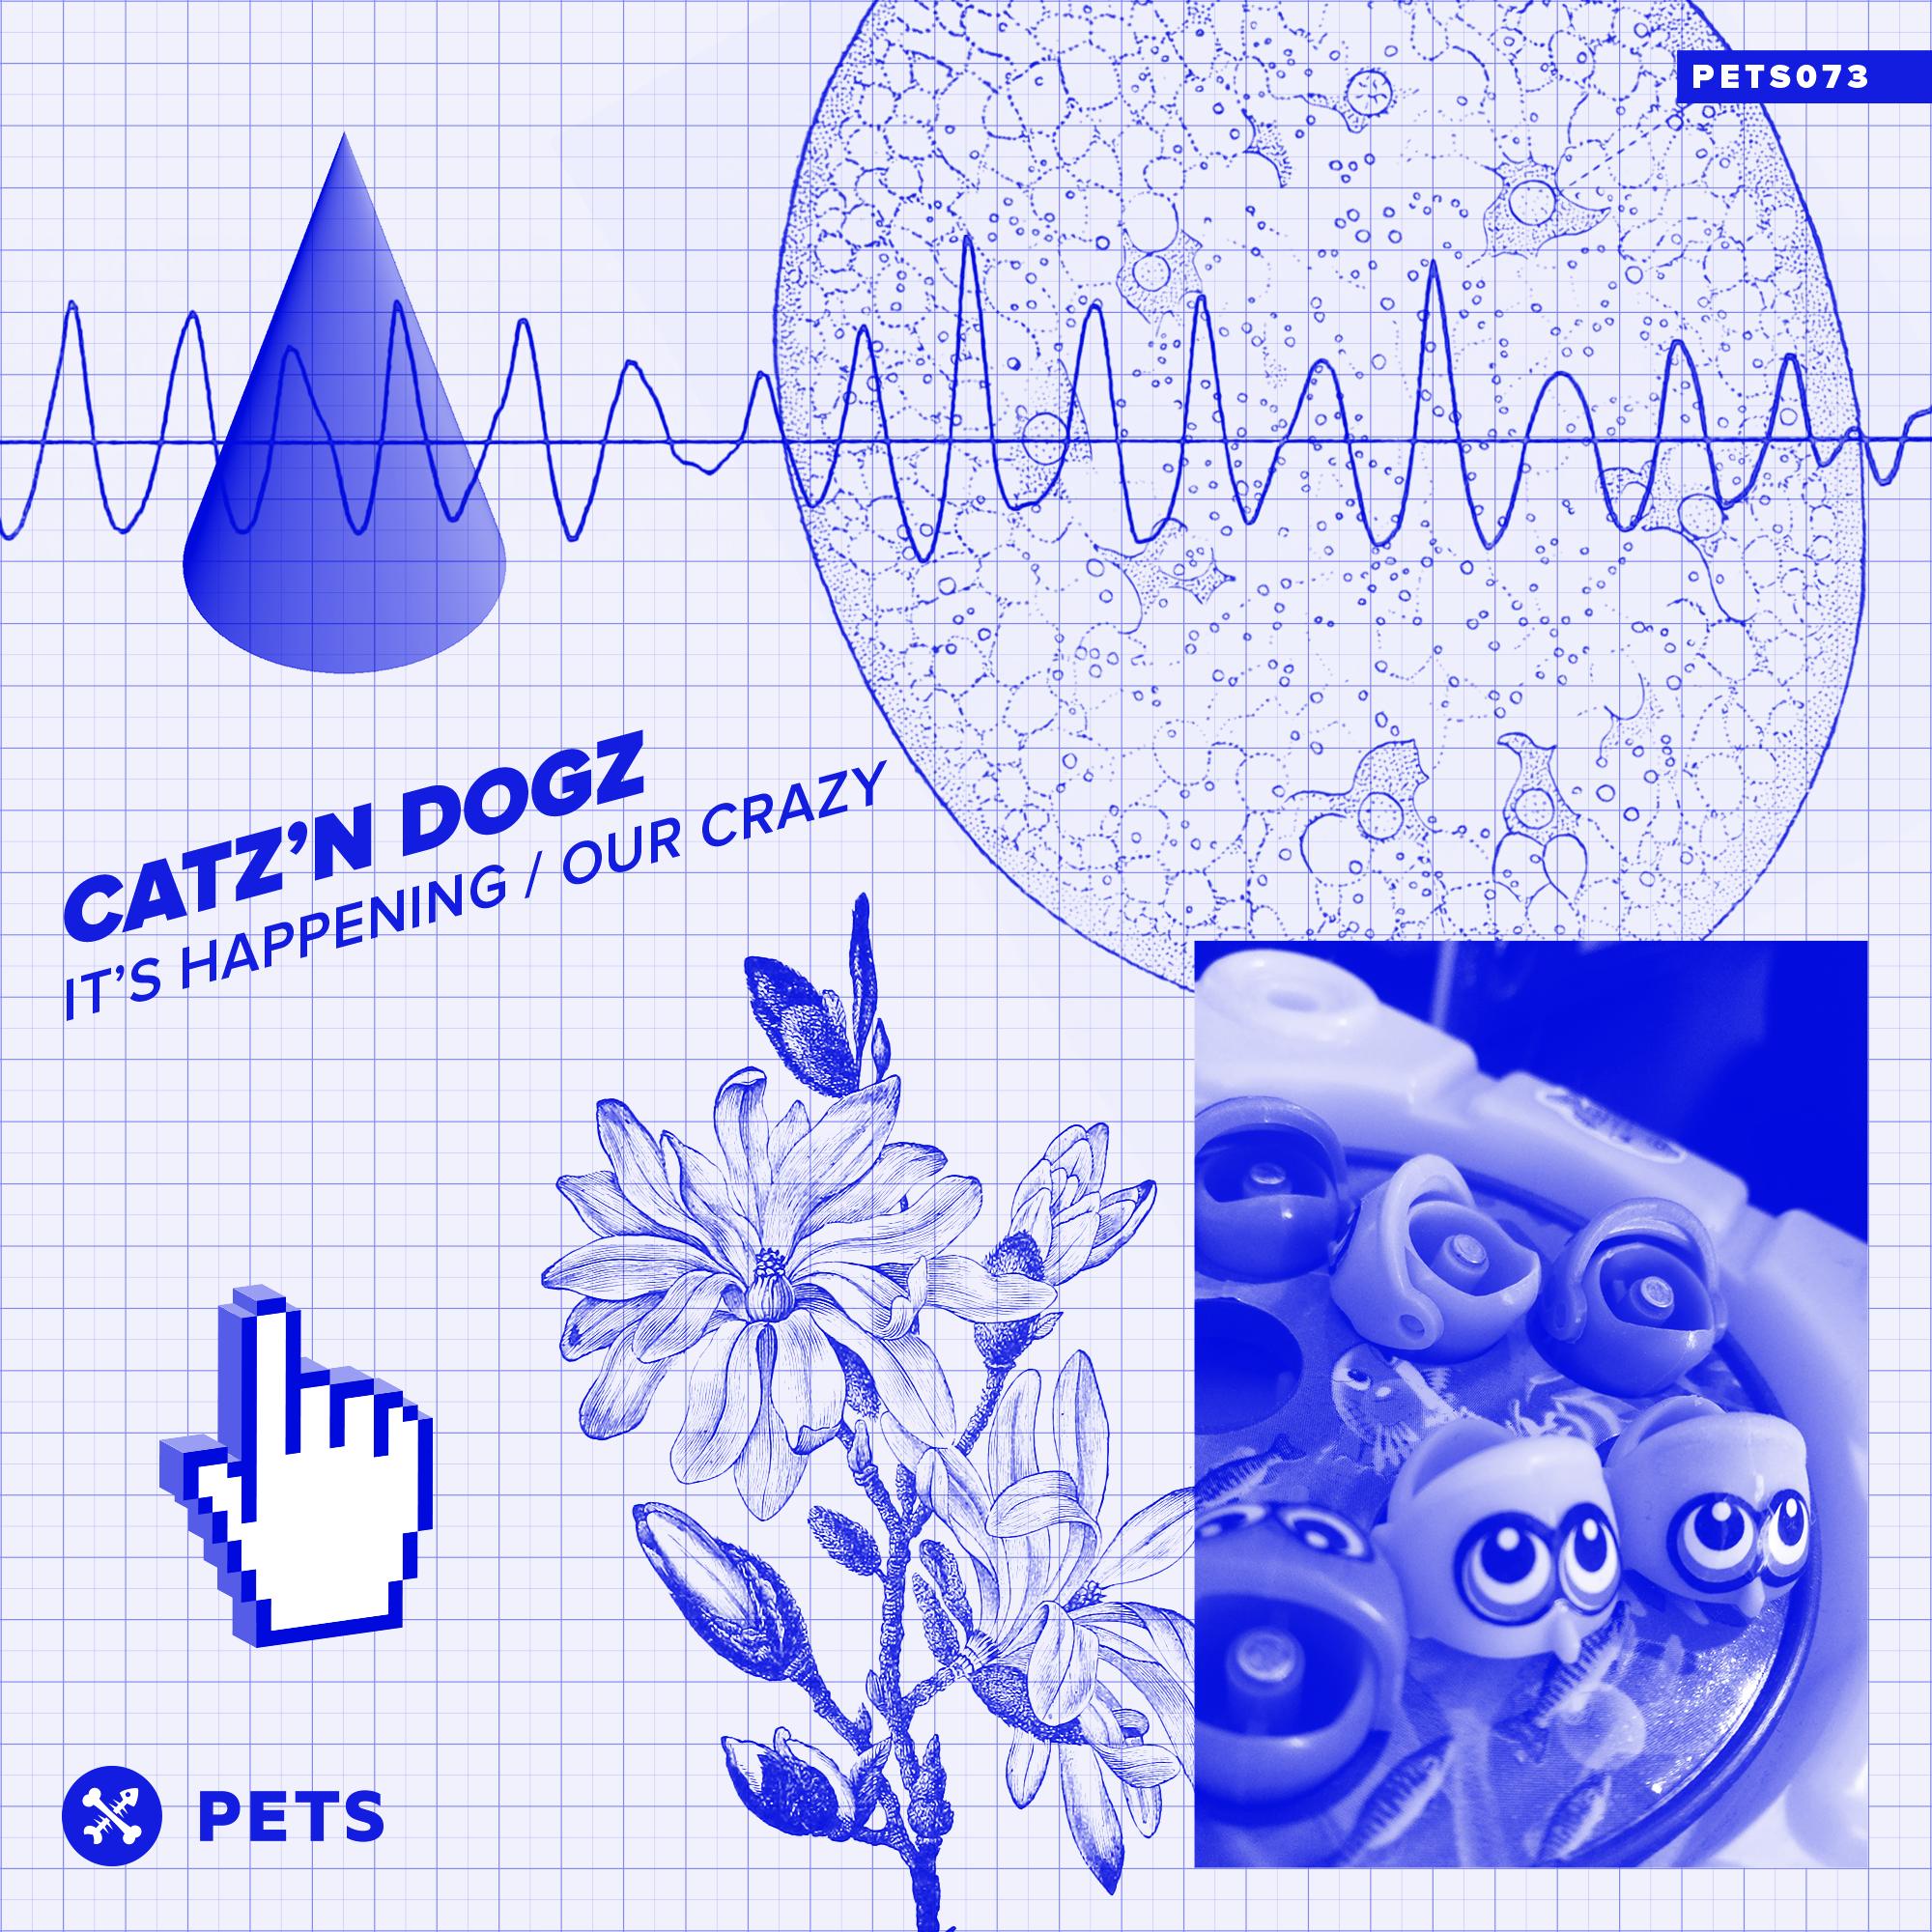 edit navigation bar Catz 'n Dogz - It's Happening / Our Crazy EP [PETS073]